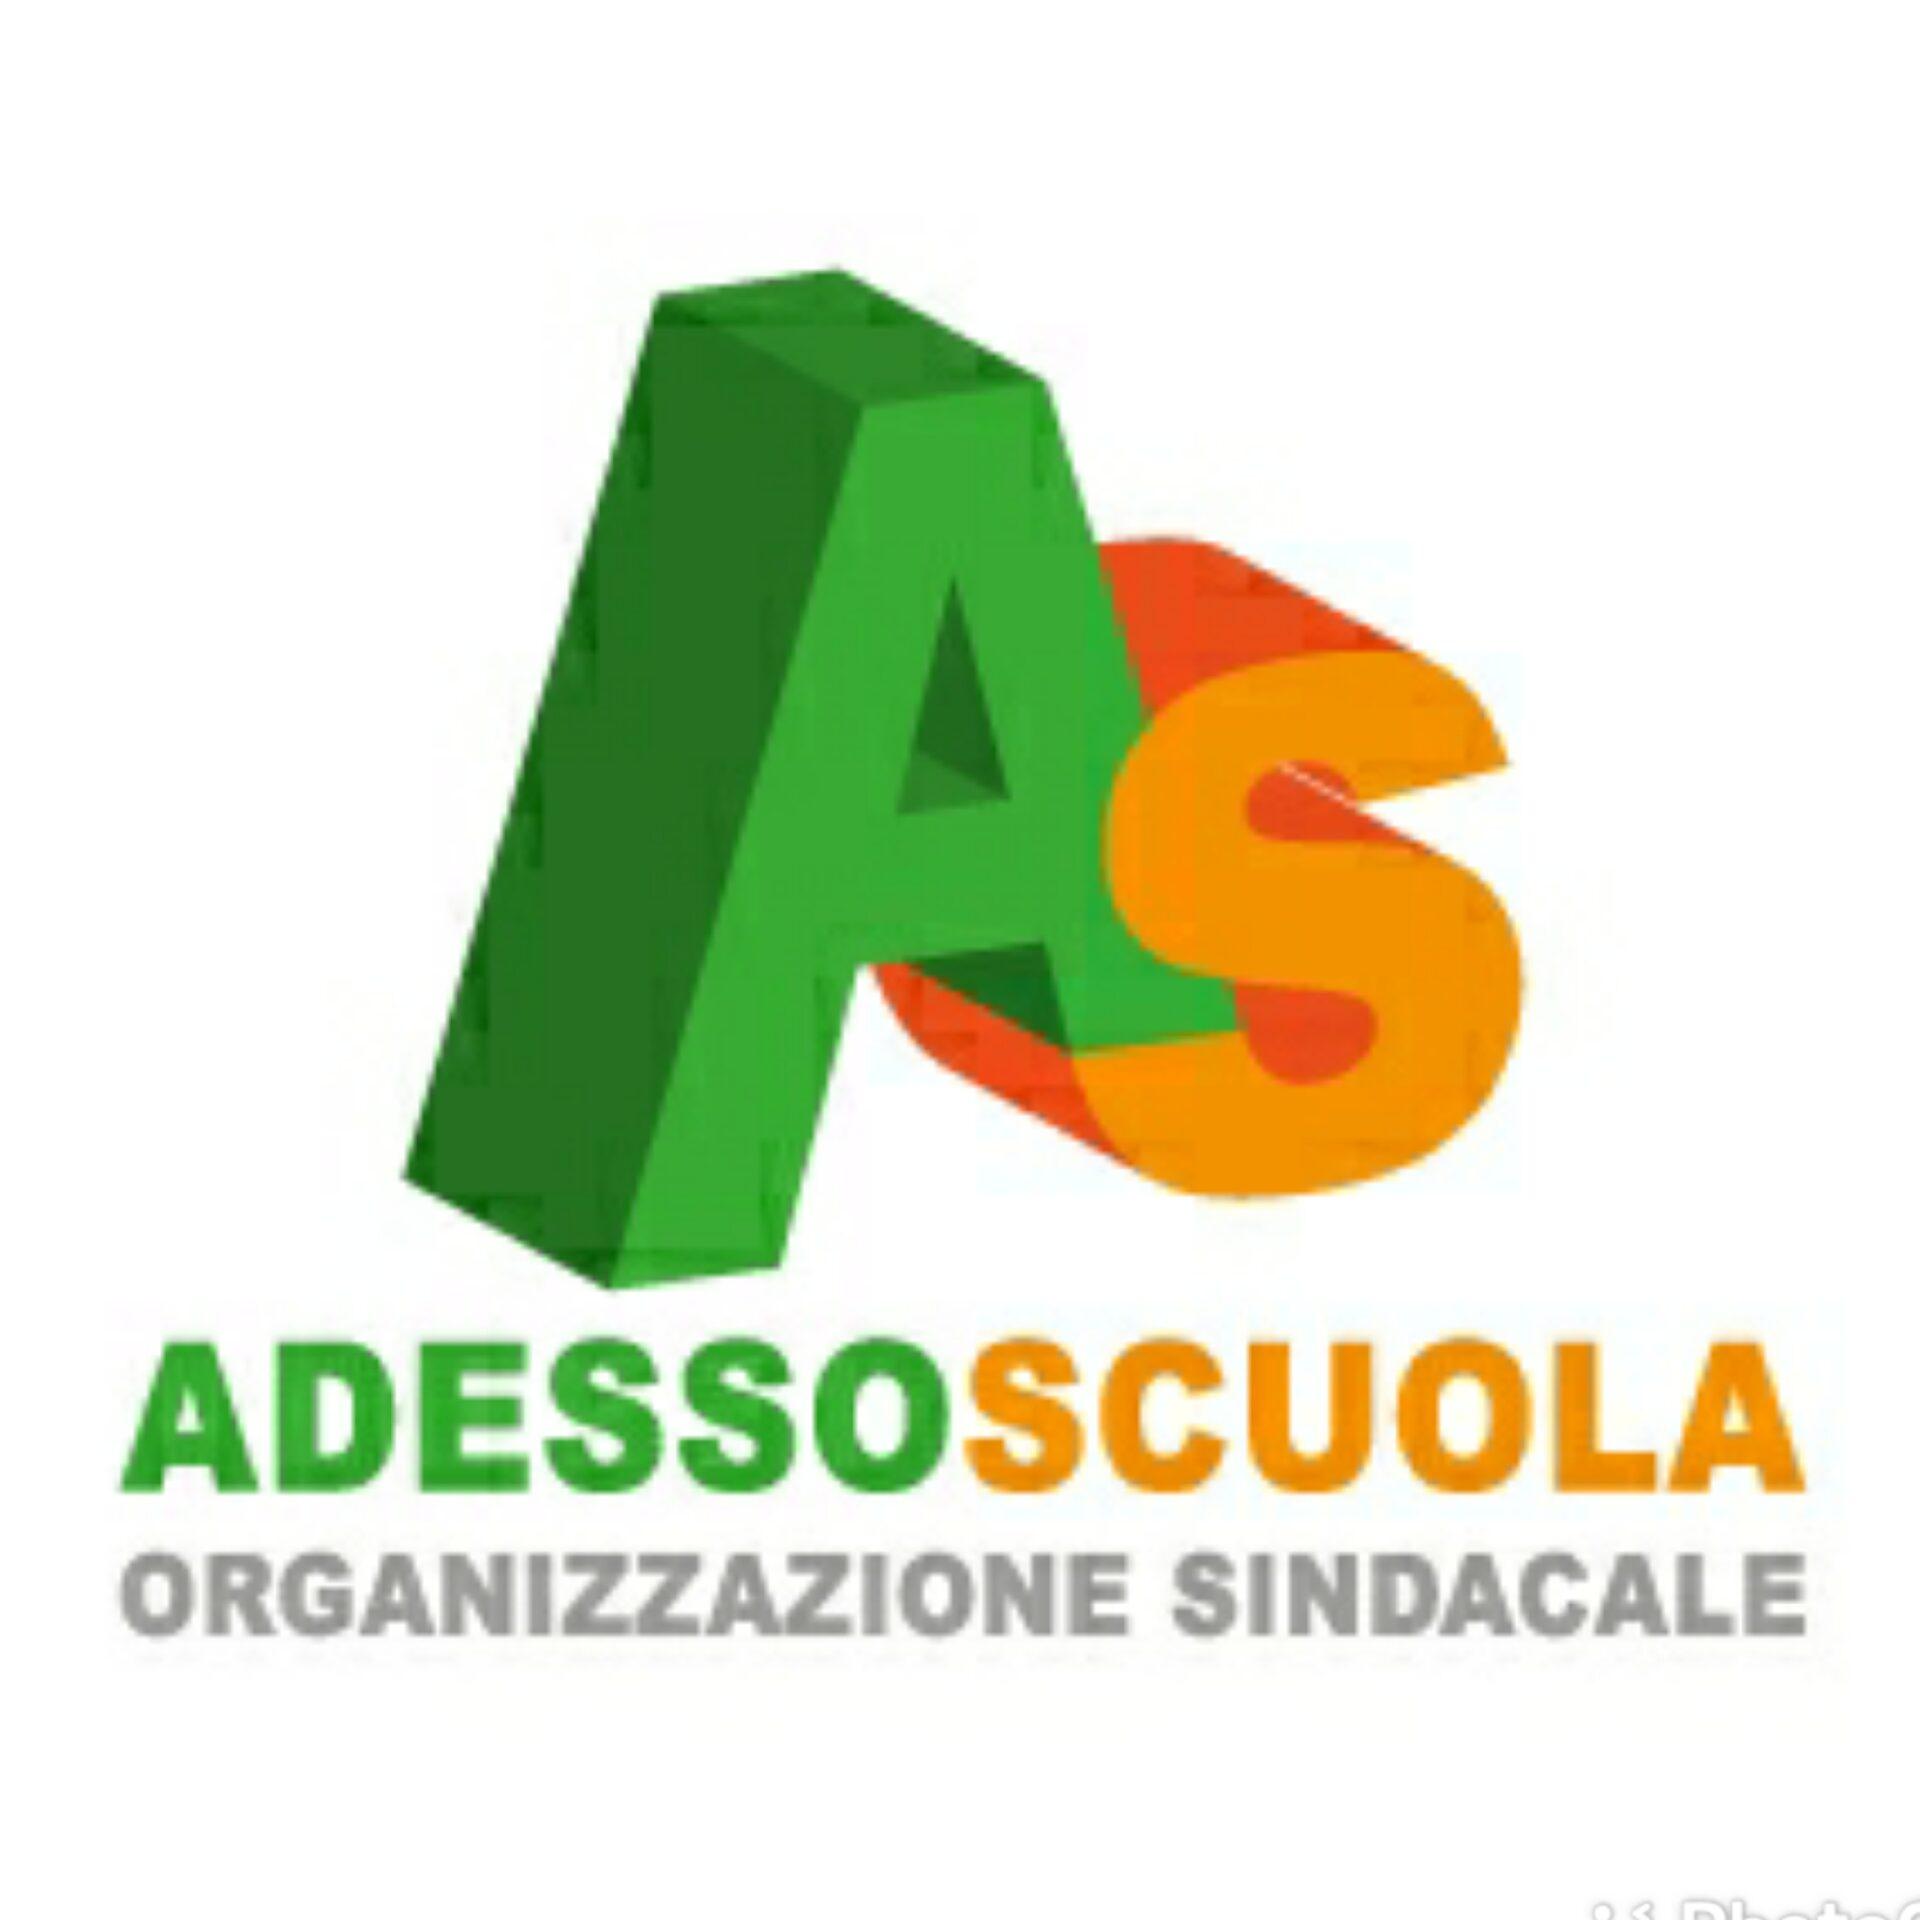 Antonio D'Ascoli (sindacato Nazionale Adesso Scuola): Stabilizzazione, dalle parole ai fatti